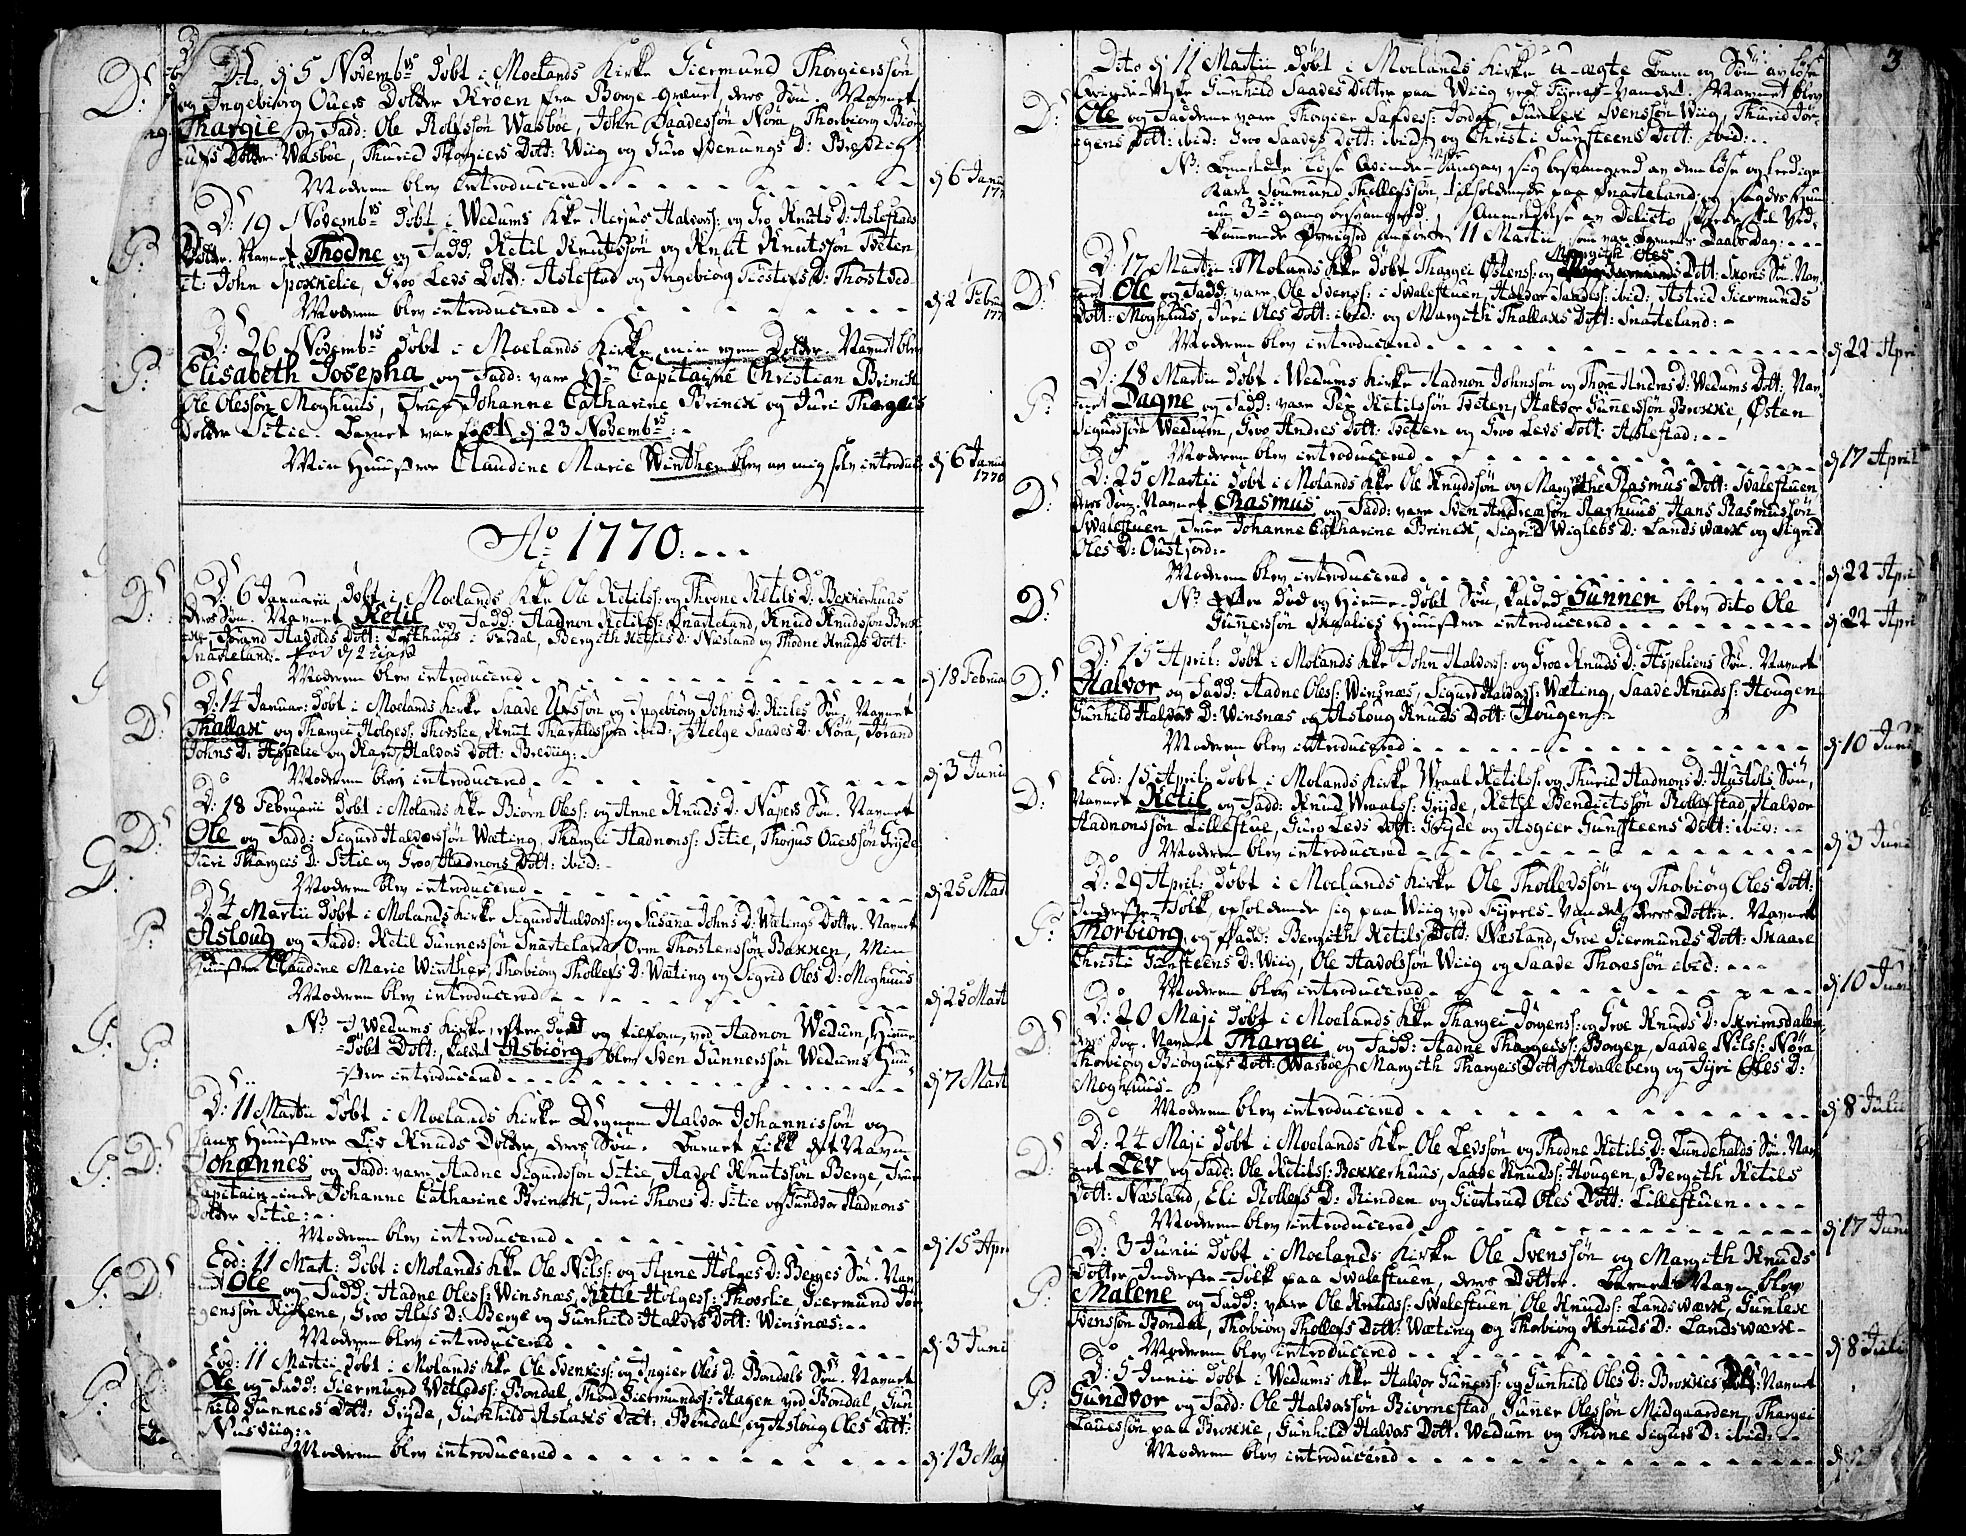 SAKO, Fyresdal kirkebøker, F/Fa/L0002: Ministerialbok nr. I 2, 1769-1814, s. 3